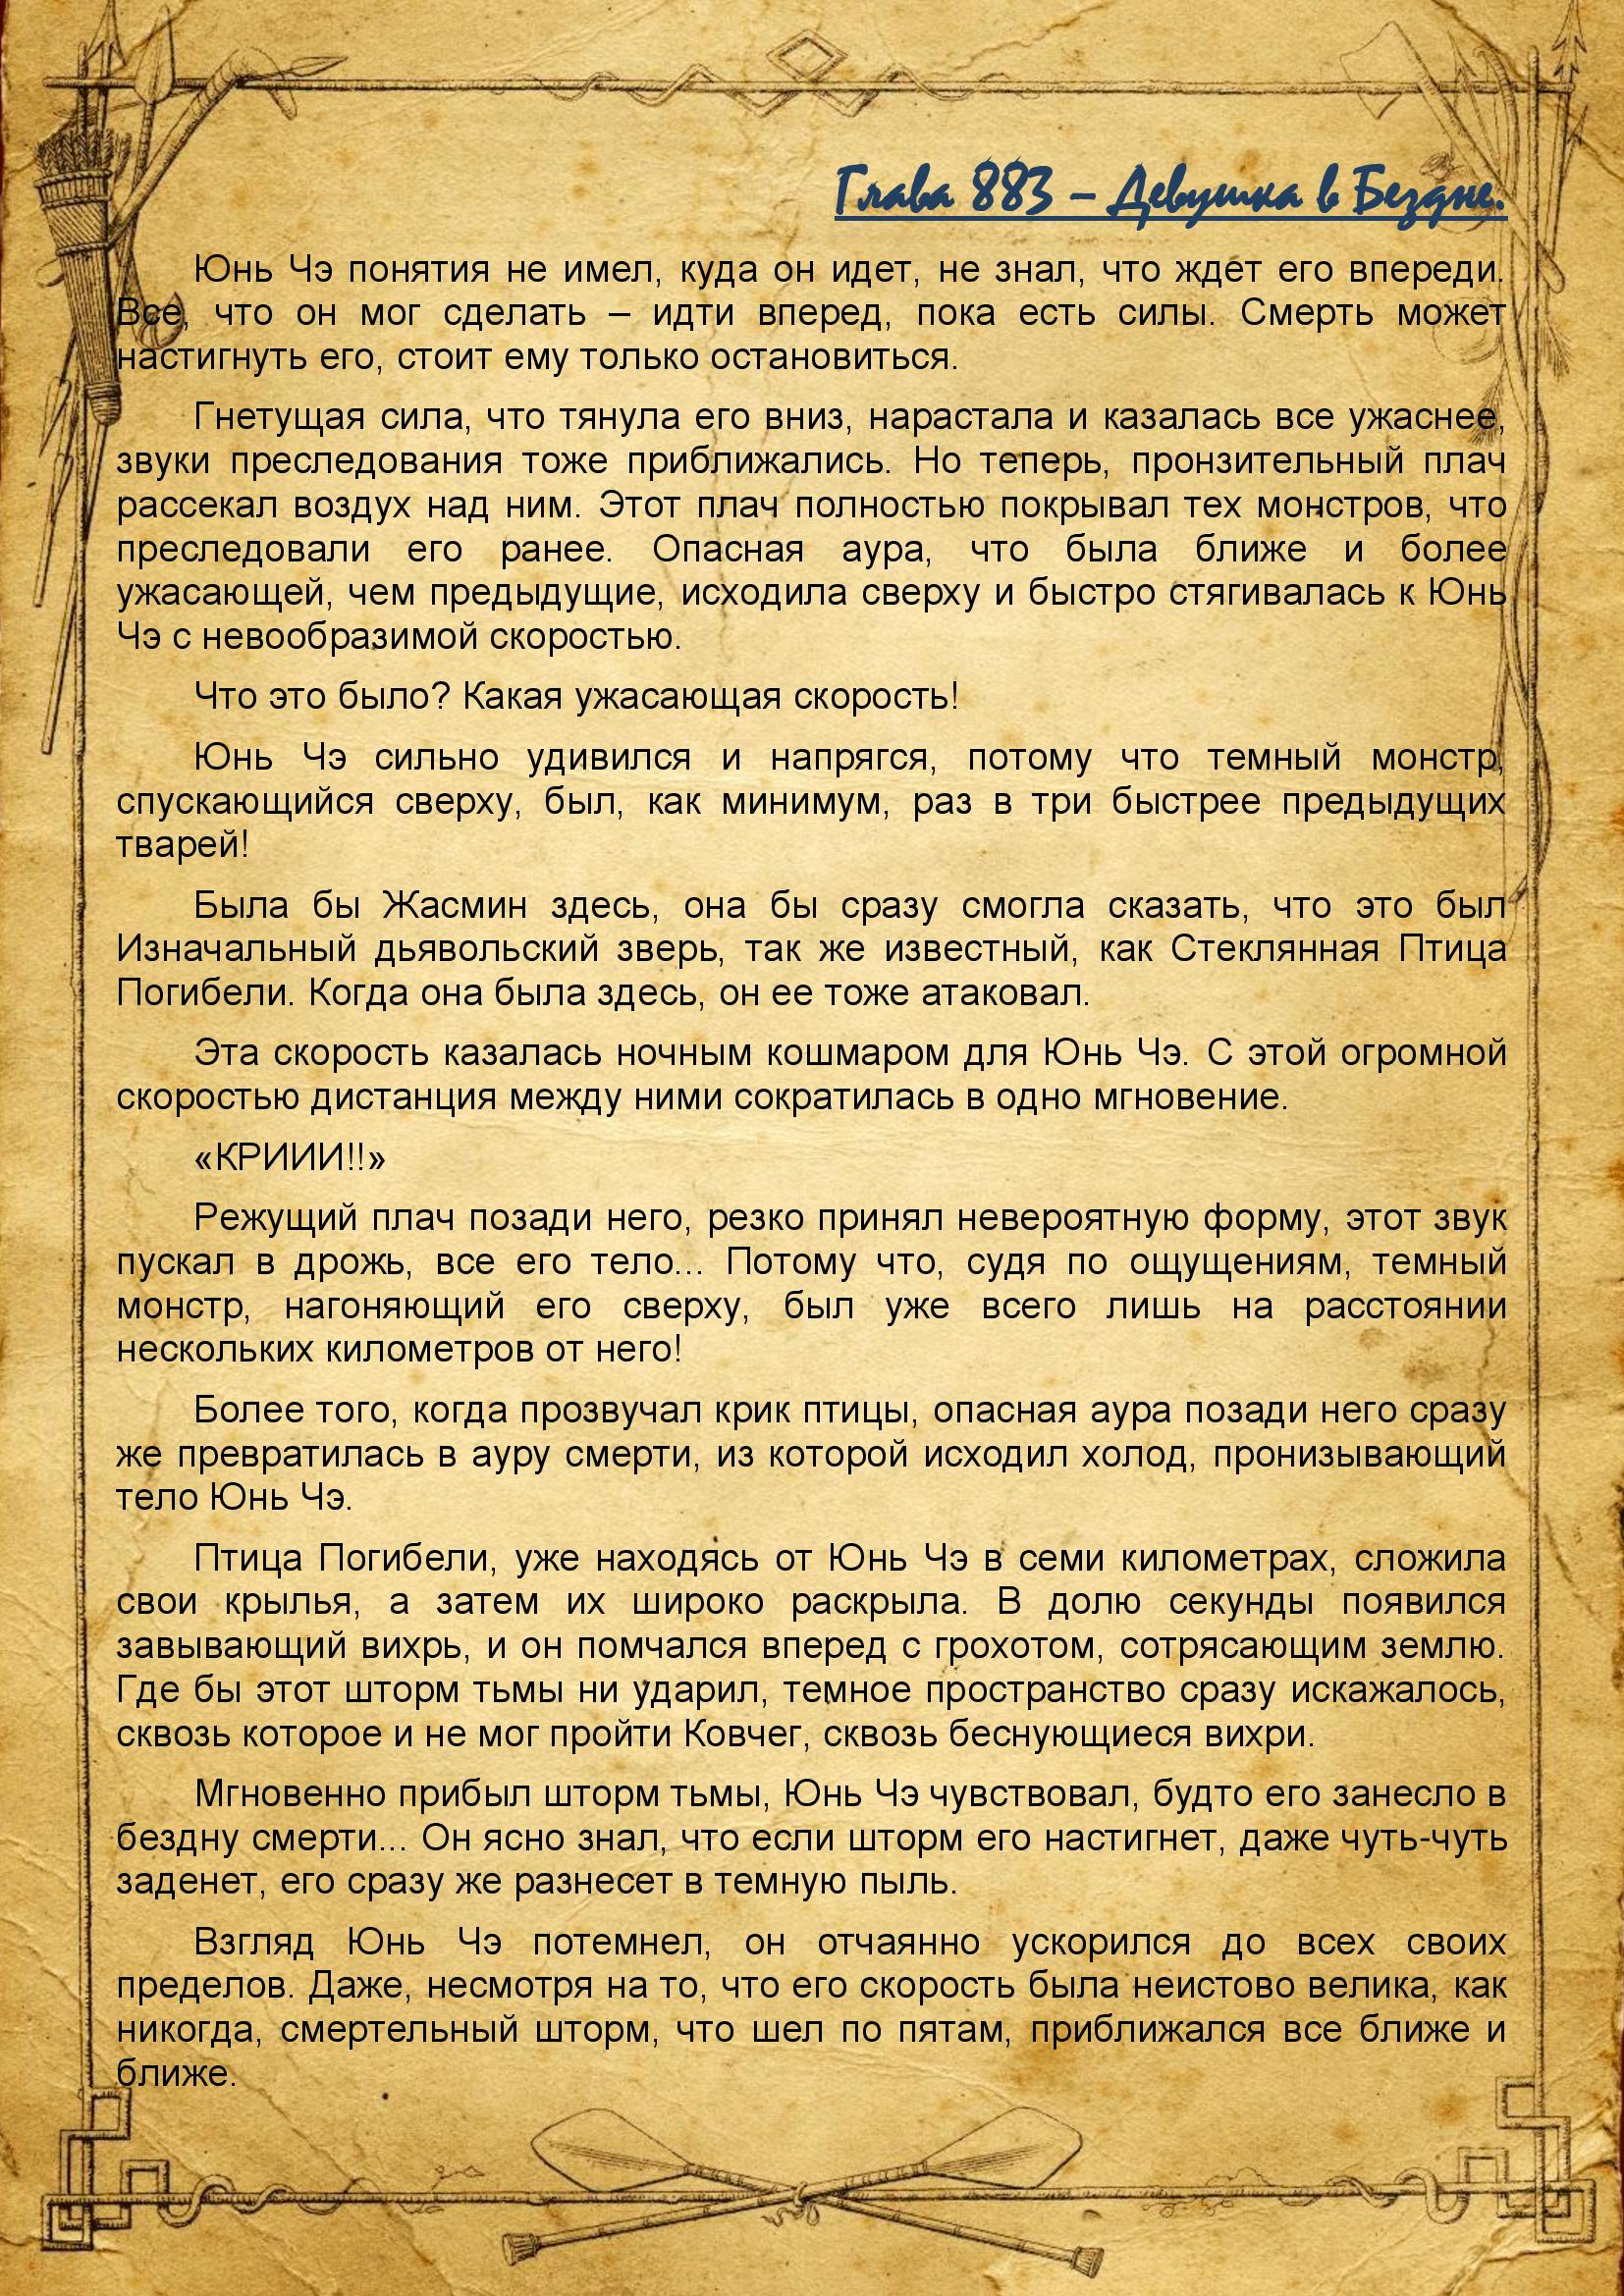 Восставший против Неба v8 - 883